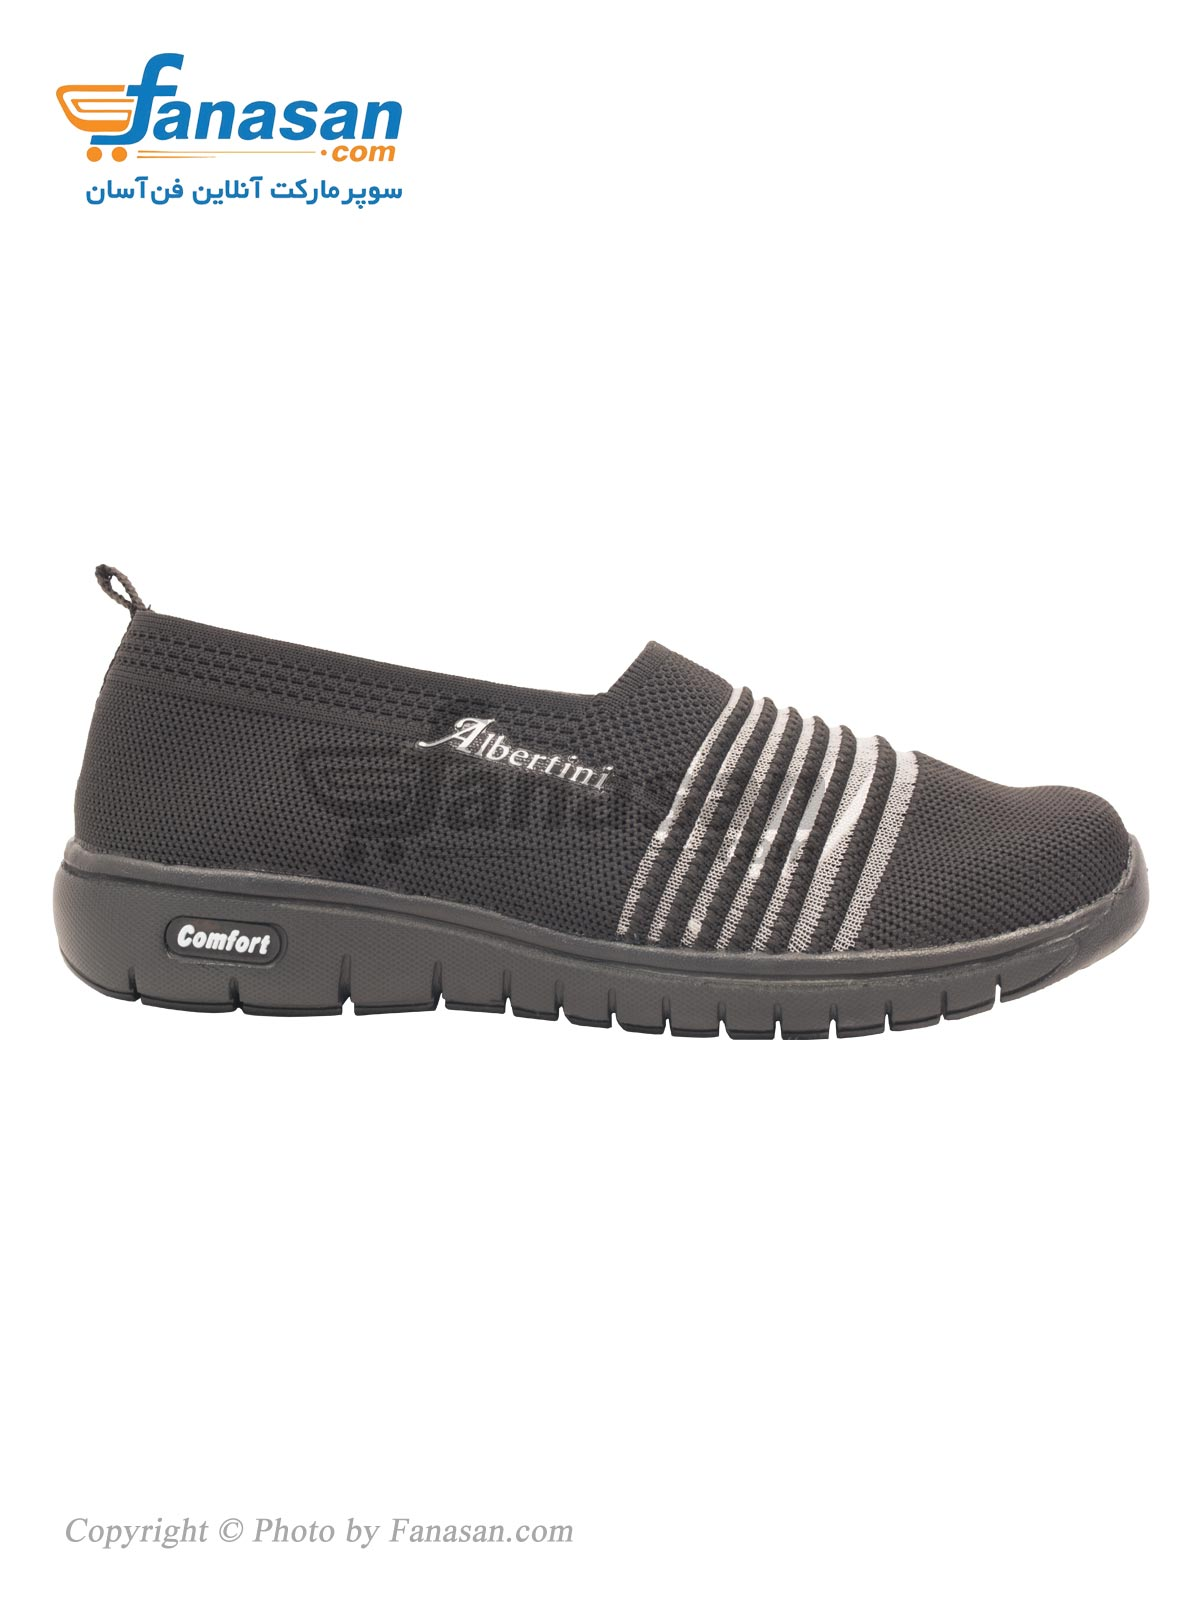 کفش راحتی چهارفصل زنانه نهرین مدل شیک Albertini مشکی سایز 38